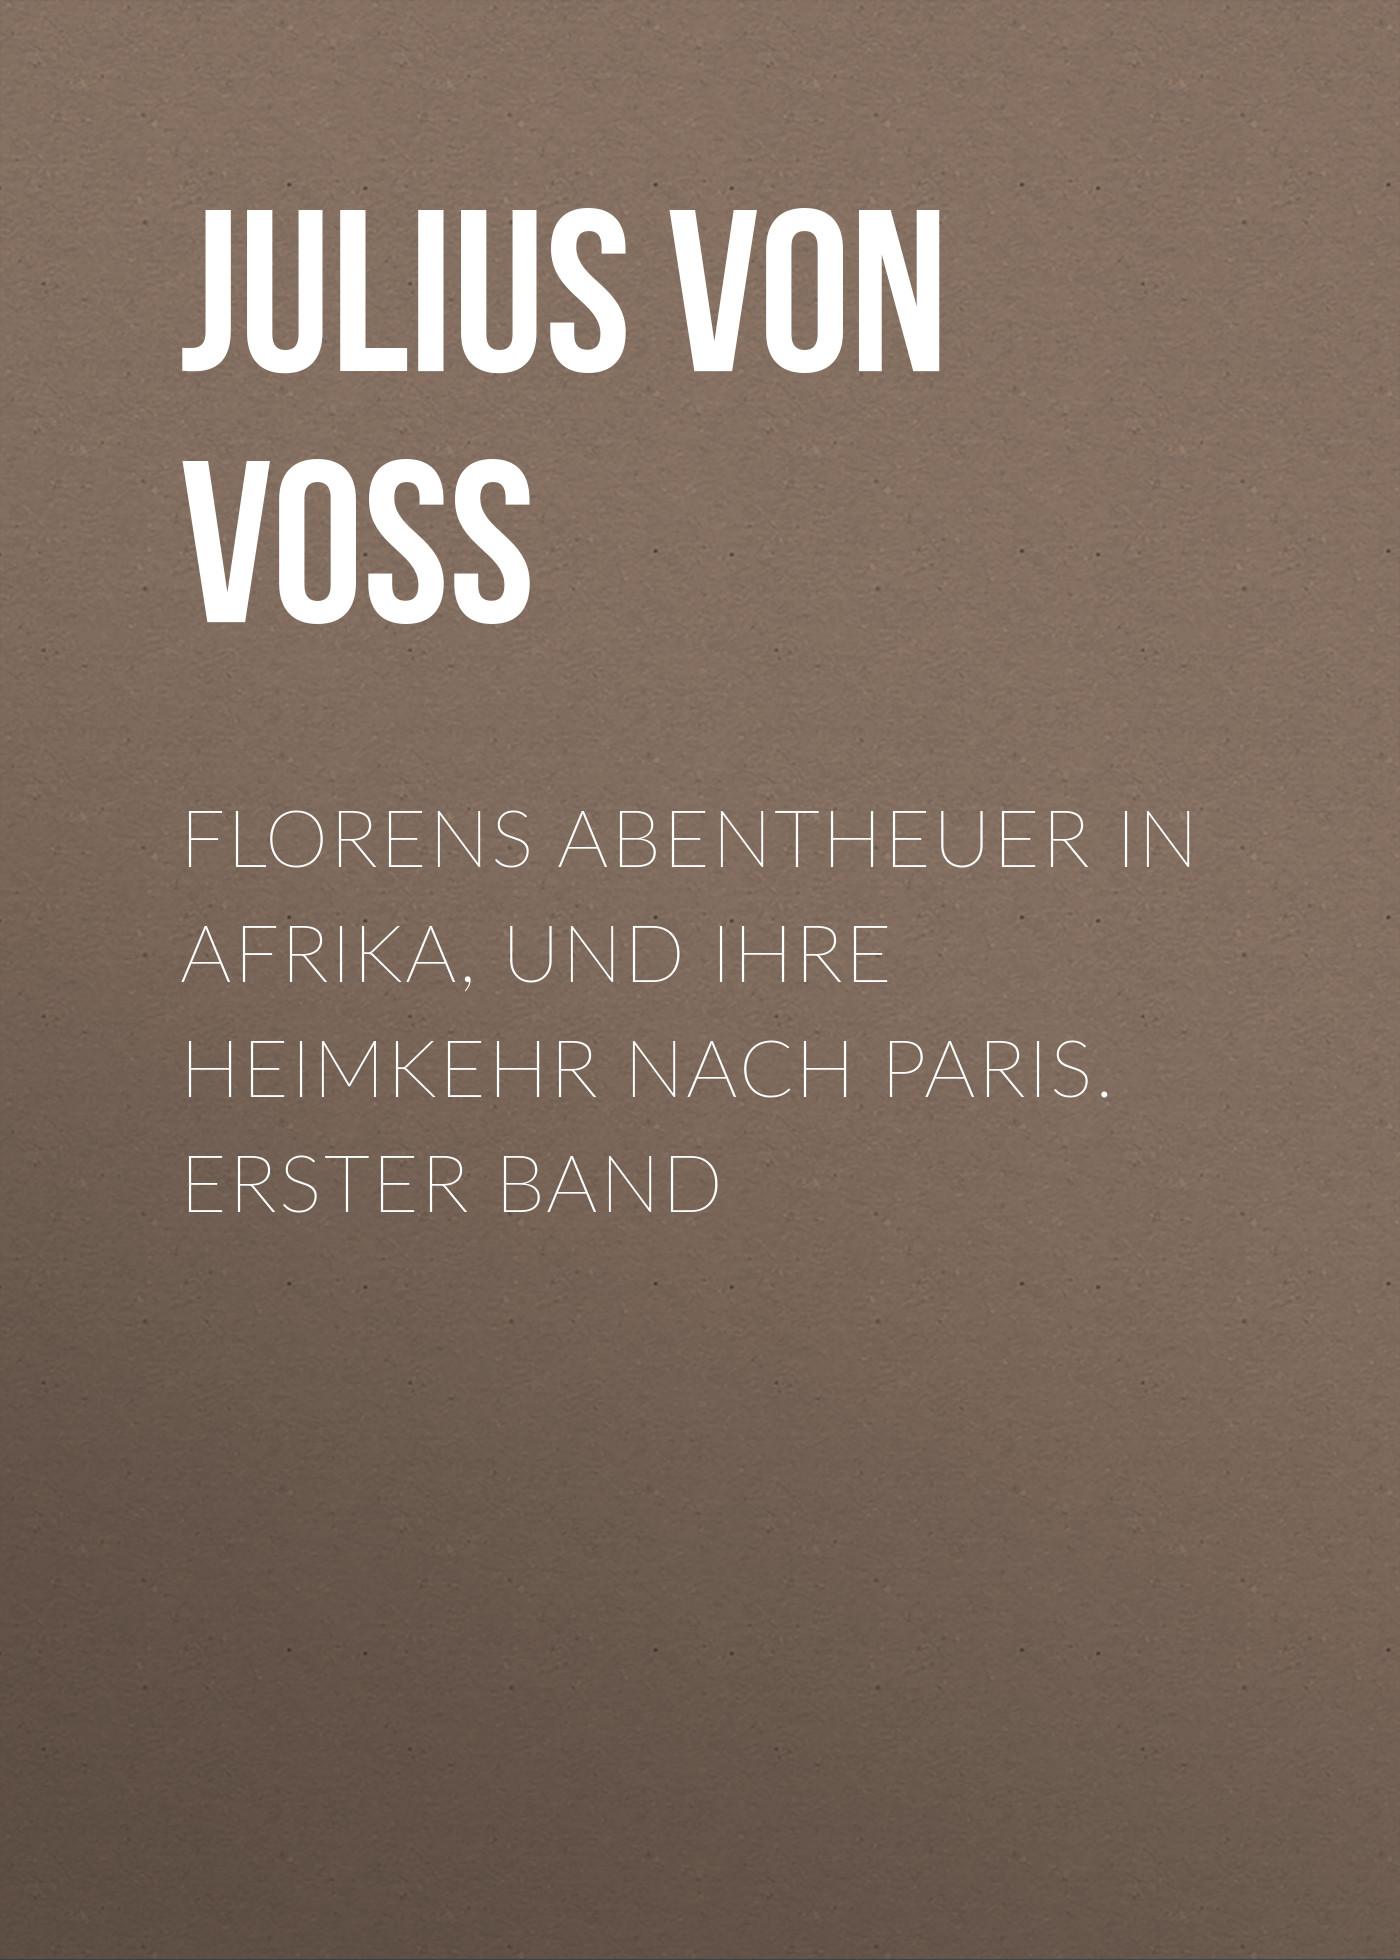 Julius von Voss Florens Abentheuer in Afrika, und ihre Heimkehr nach Paris. Erster Band